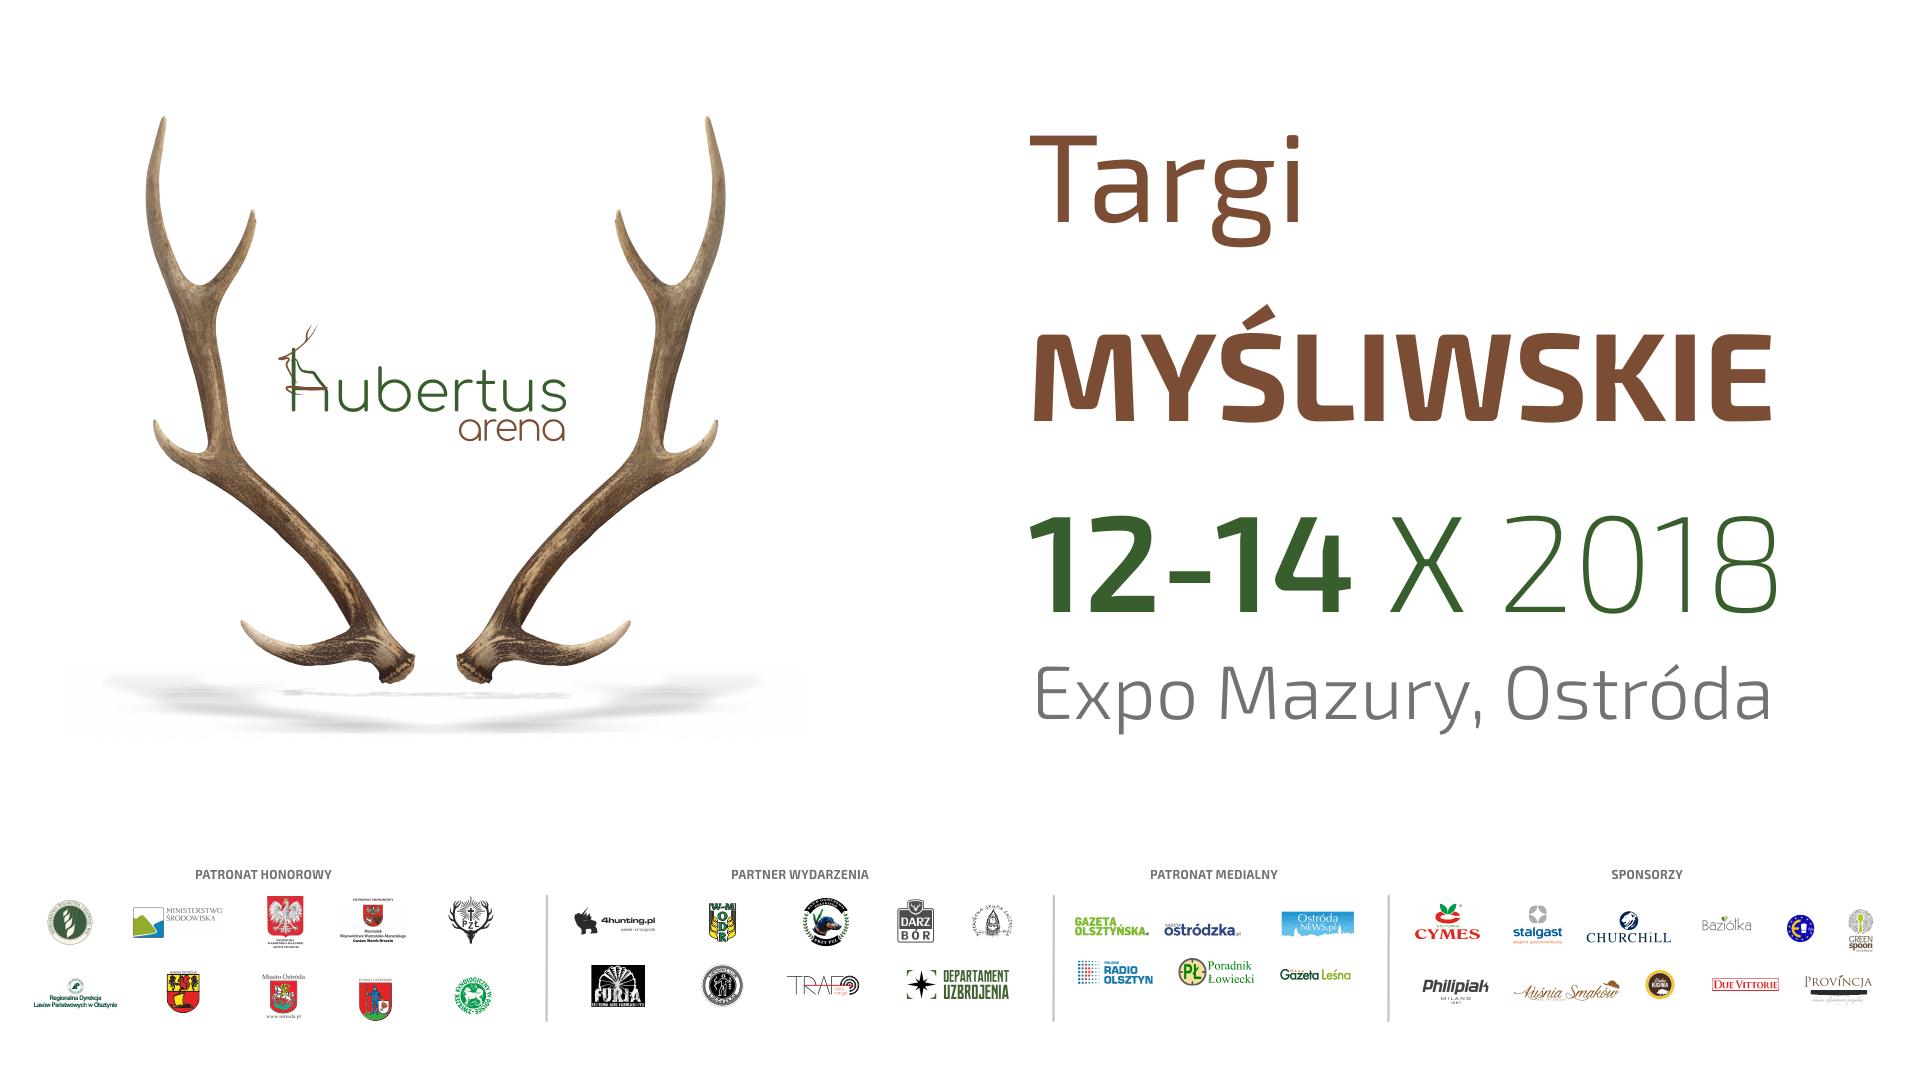 Hubertus Arena 2018 – targi myśliwskie 12-14 października